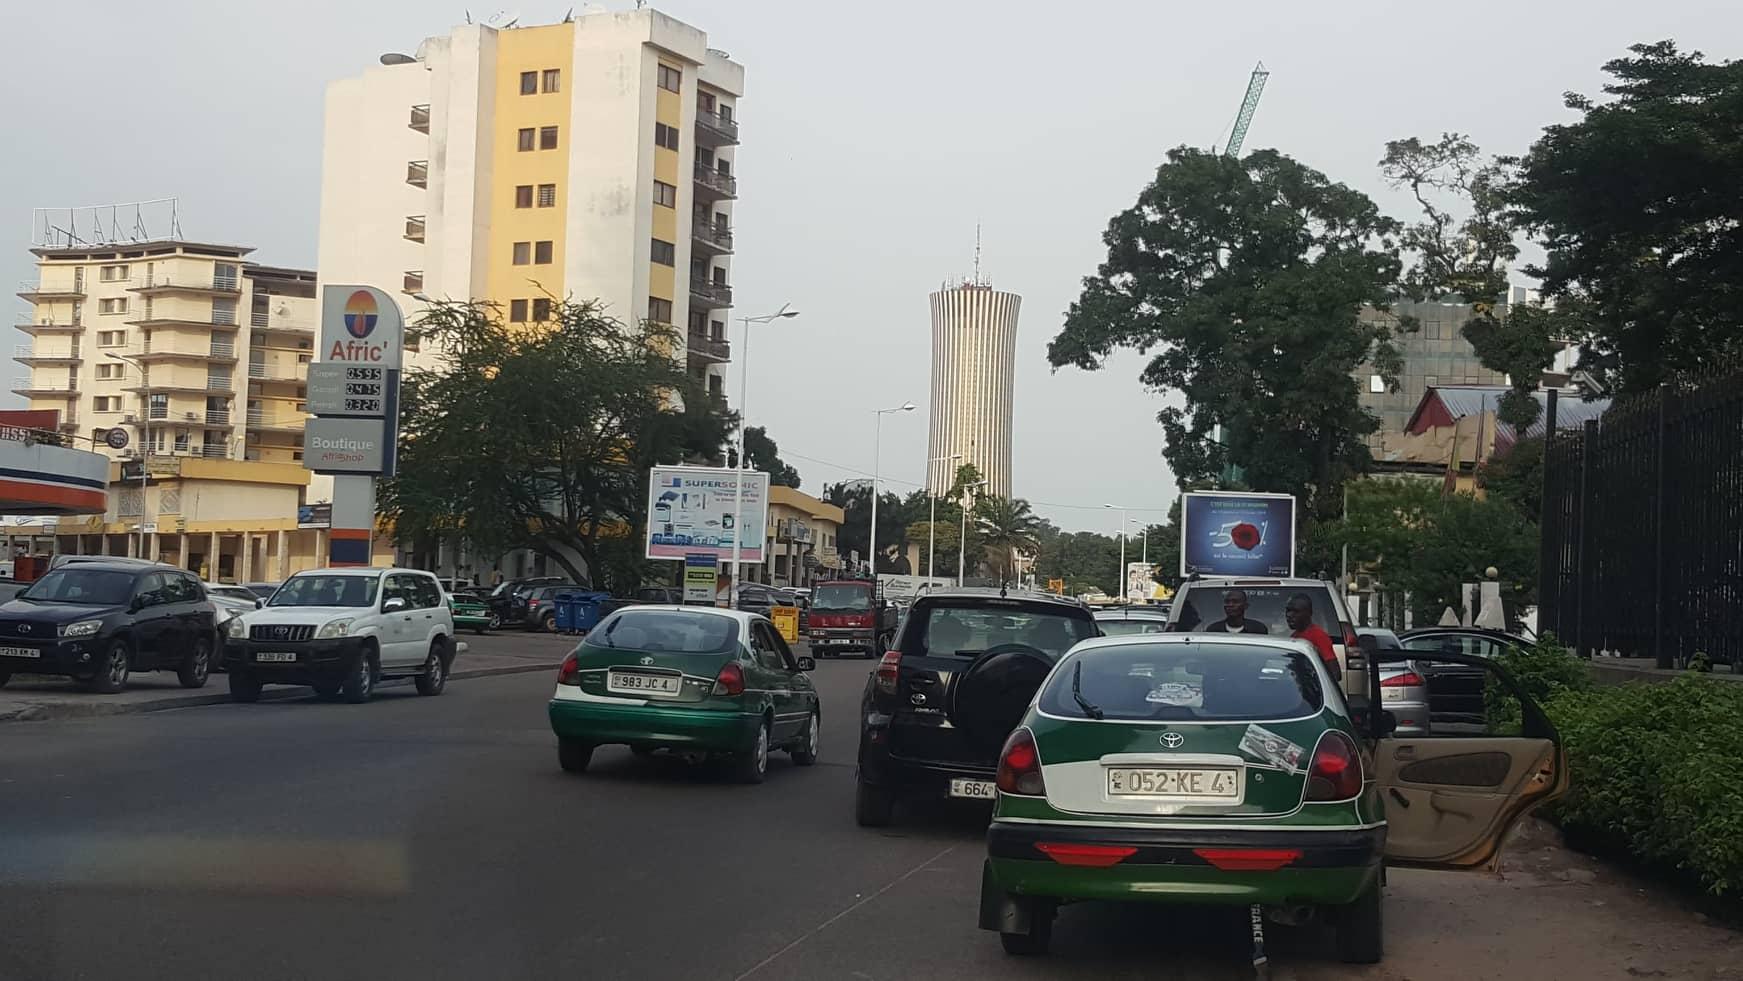 Grand oral du Gabon mercredi à Brazzaville sur son PPP avec Olam et SOTRADER